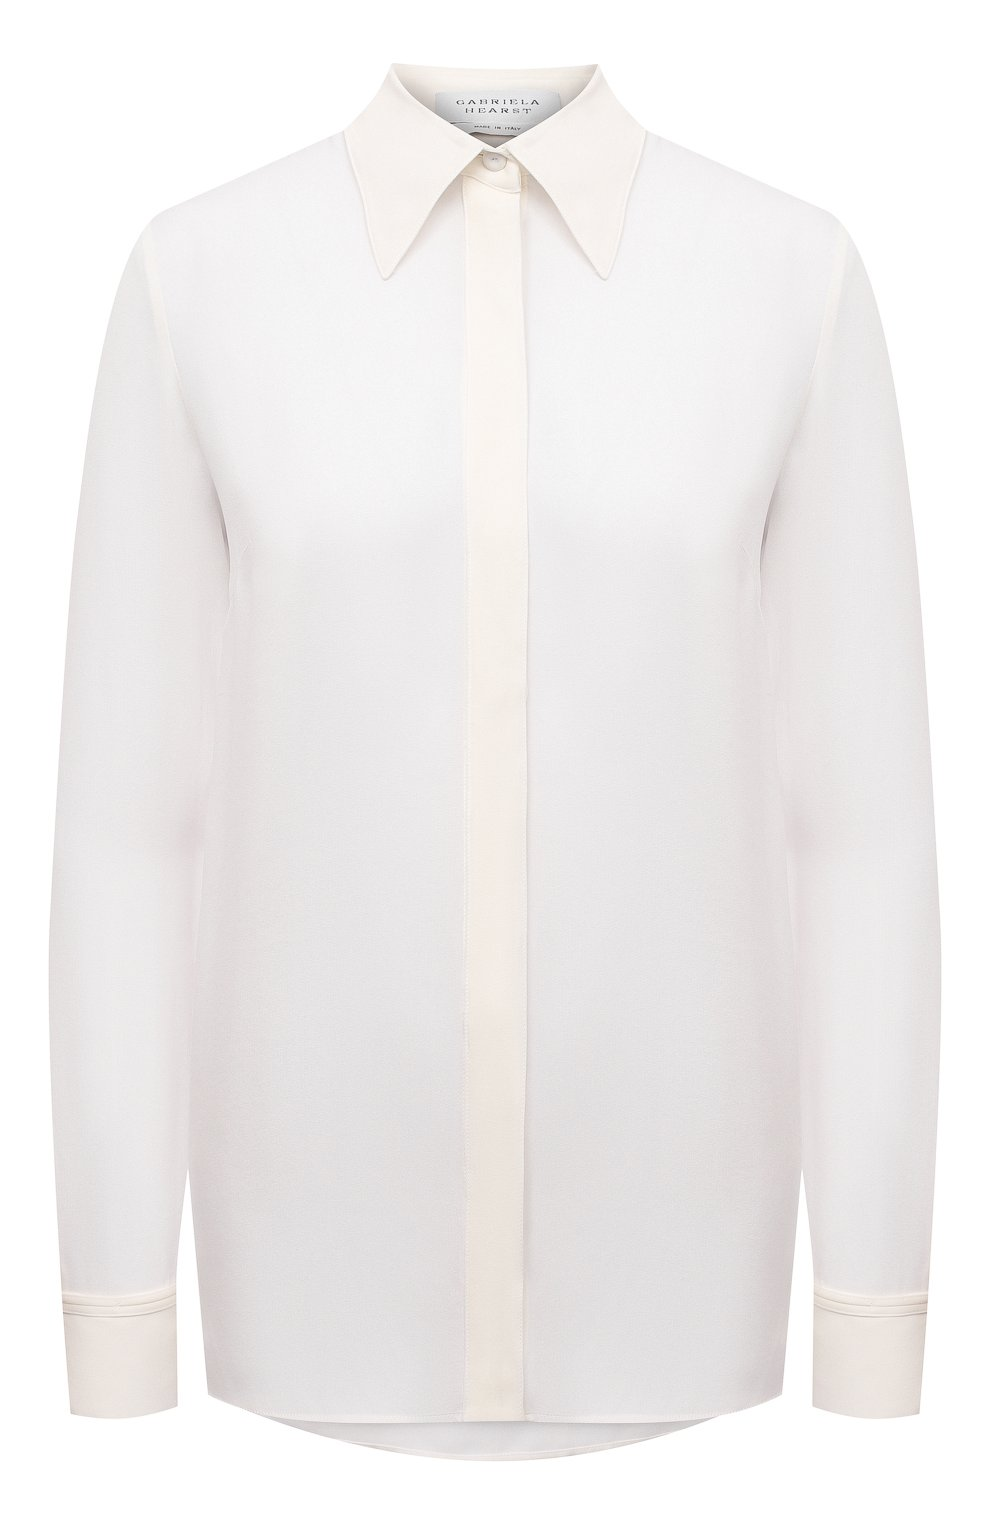 Женская шелковая рубашка GABRIELA HEARST белого цвета, арт. 420117 S032   Фото 1 (Материал внешний: Шелк; Рукава: Длинные; Принт: Без принта; Женское Кросс-КТ: Рубашка-одежда; Длина (для топов): Стандартные)